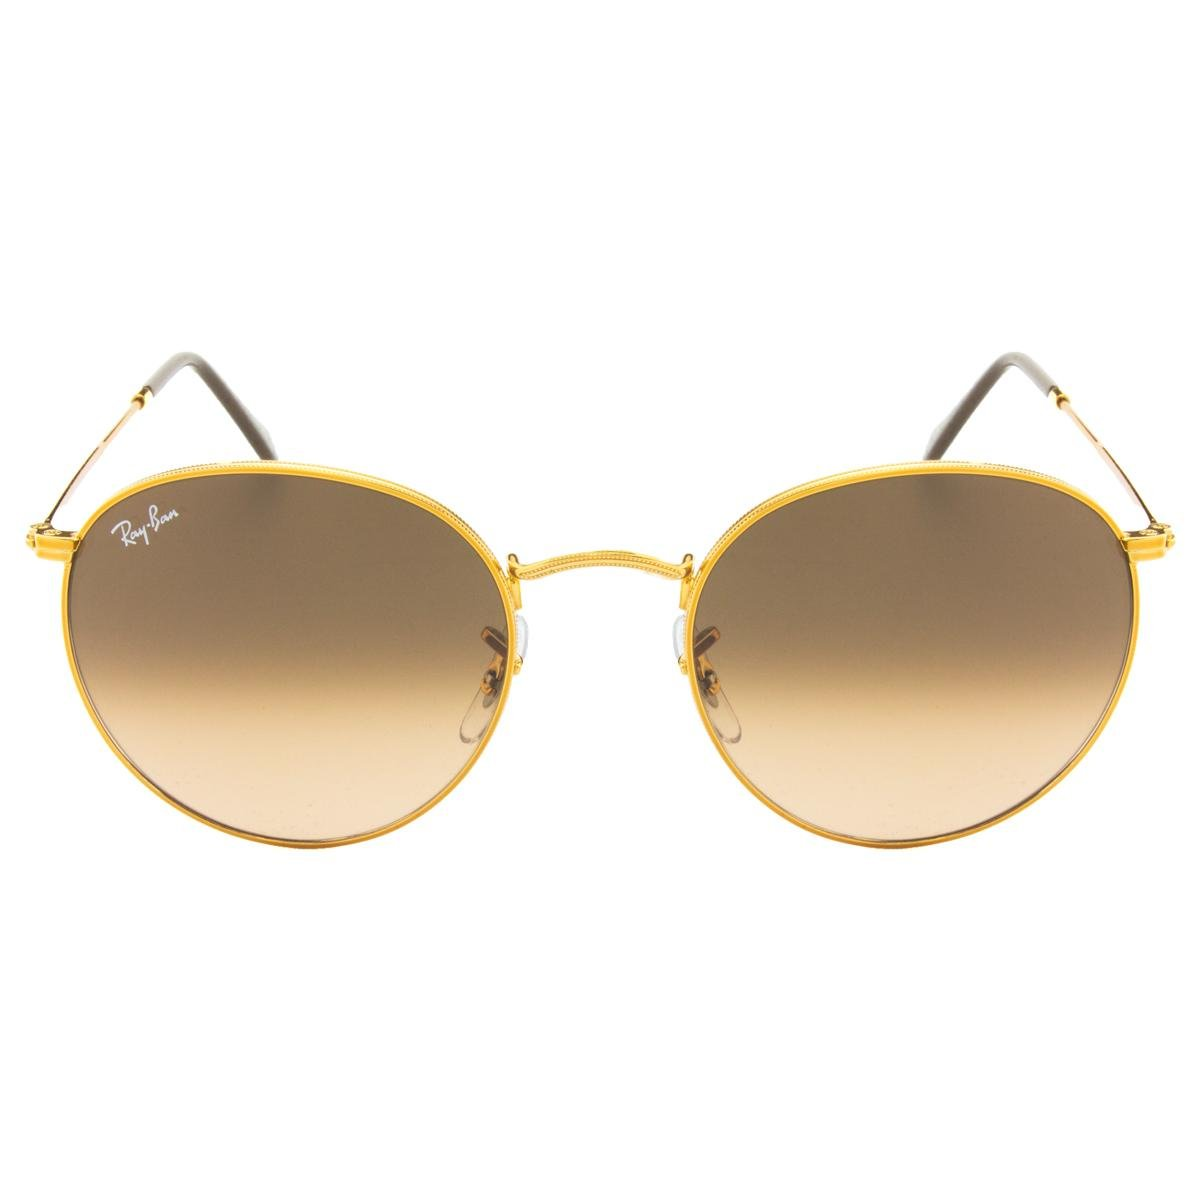 d182bad8e3d1b Óculos de Sol Ray-Ban Round Evolve RB3447 - 9065-V7 53 - Dourado e Marrom - Compre  Agora